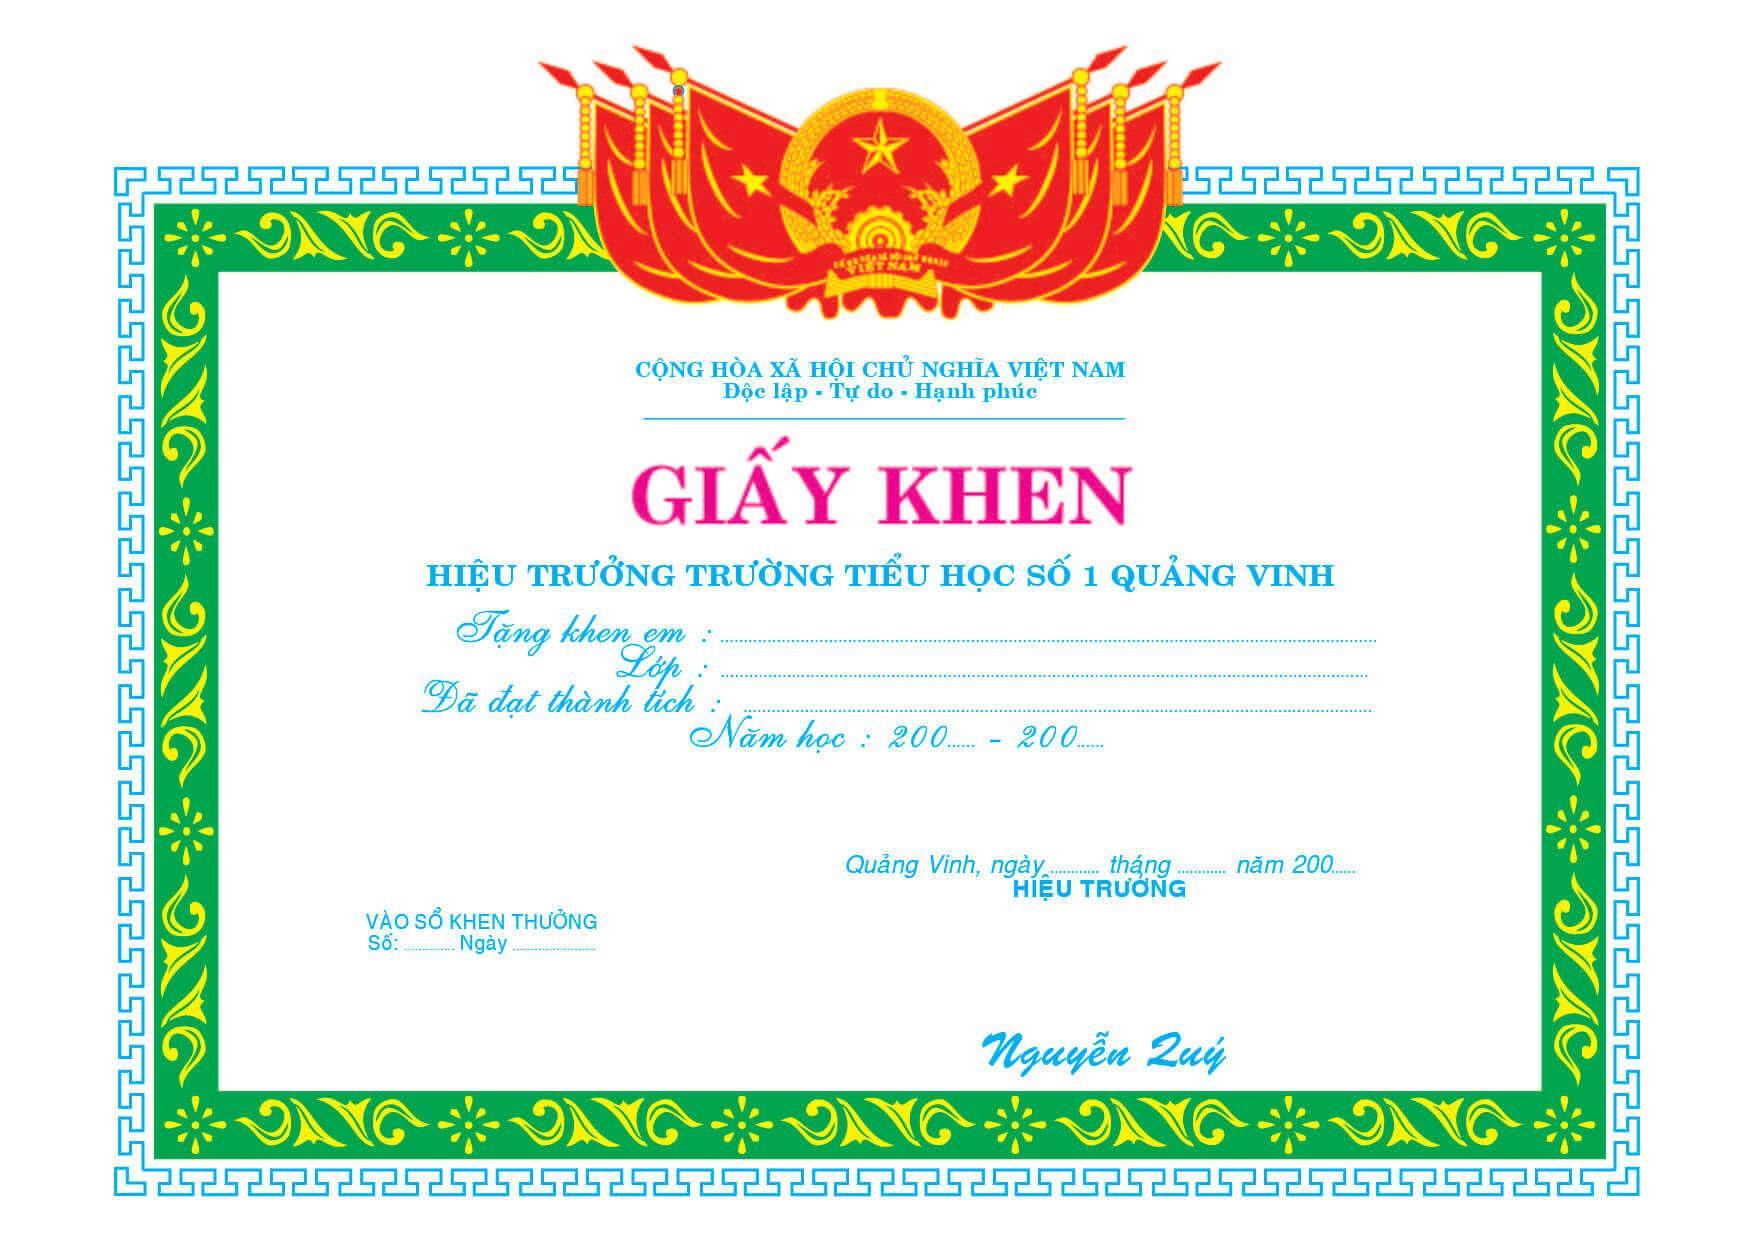 Mẫu giấy khen 017 - mẫu giấy khen phòng giáo dục - Link Download : https://adsnew.net/QIycB